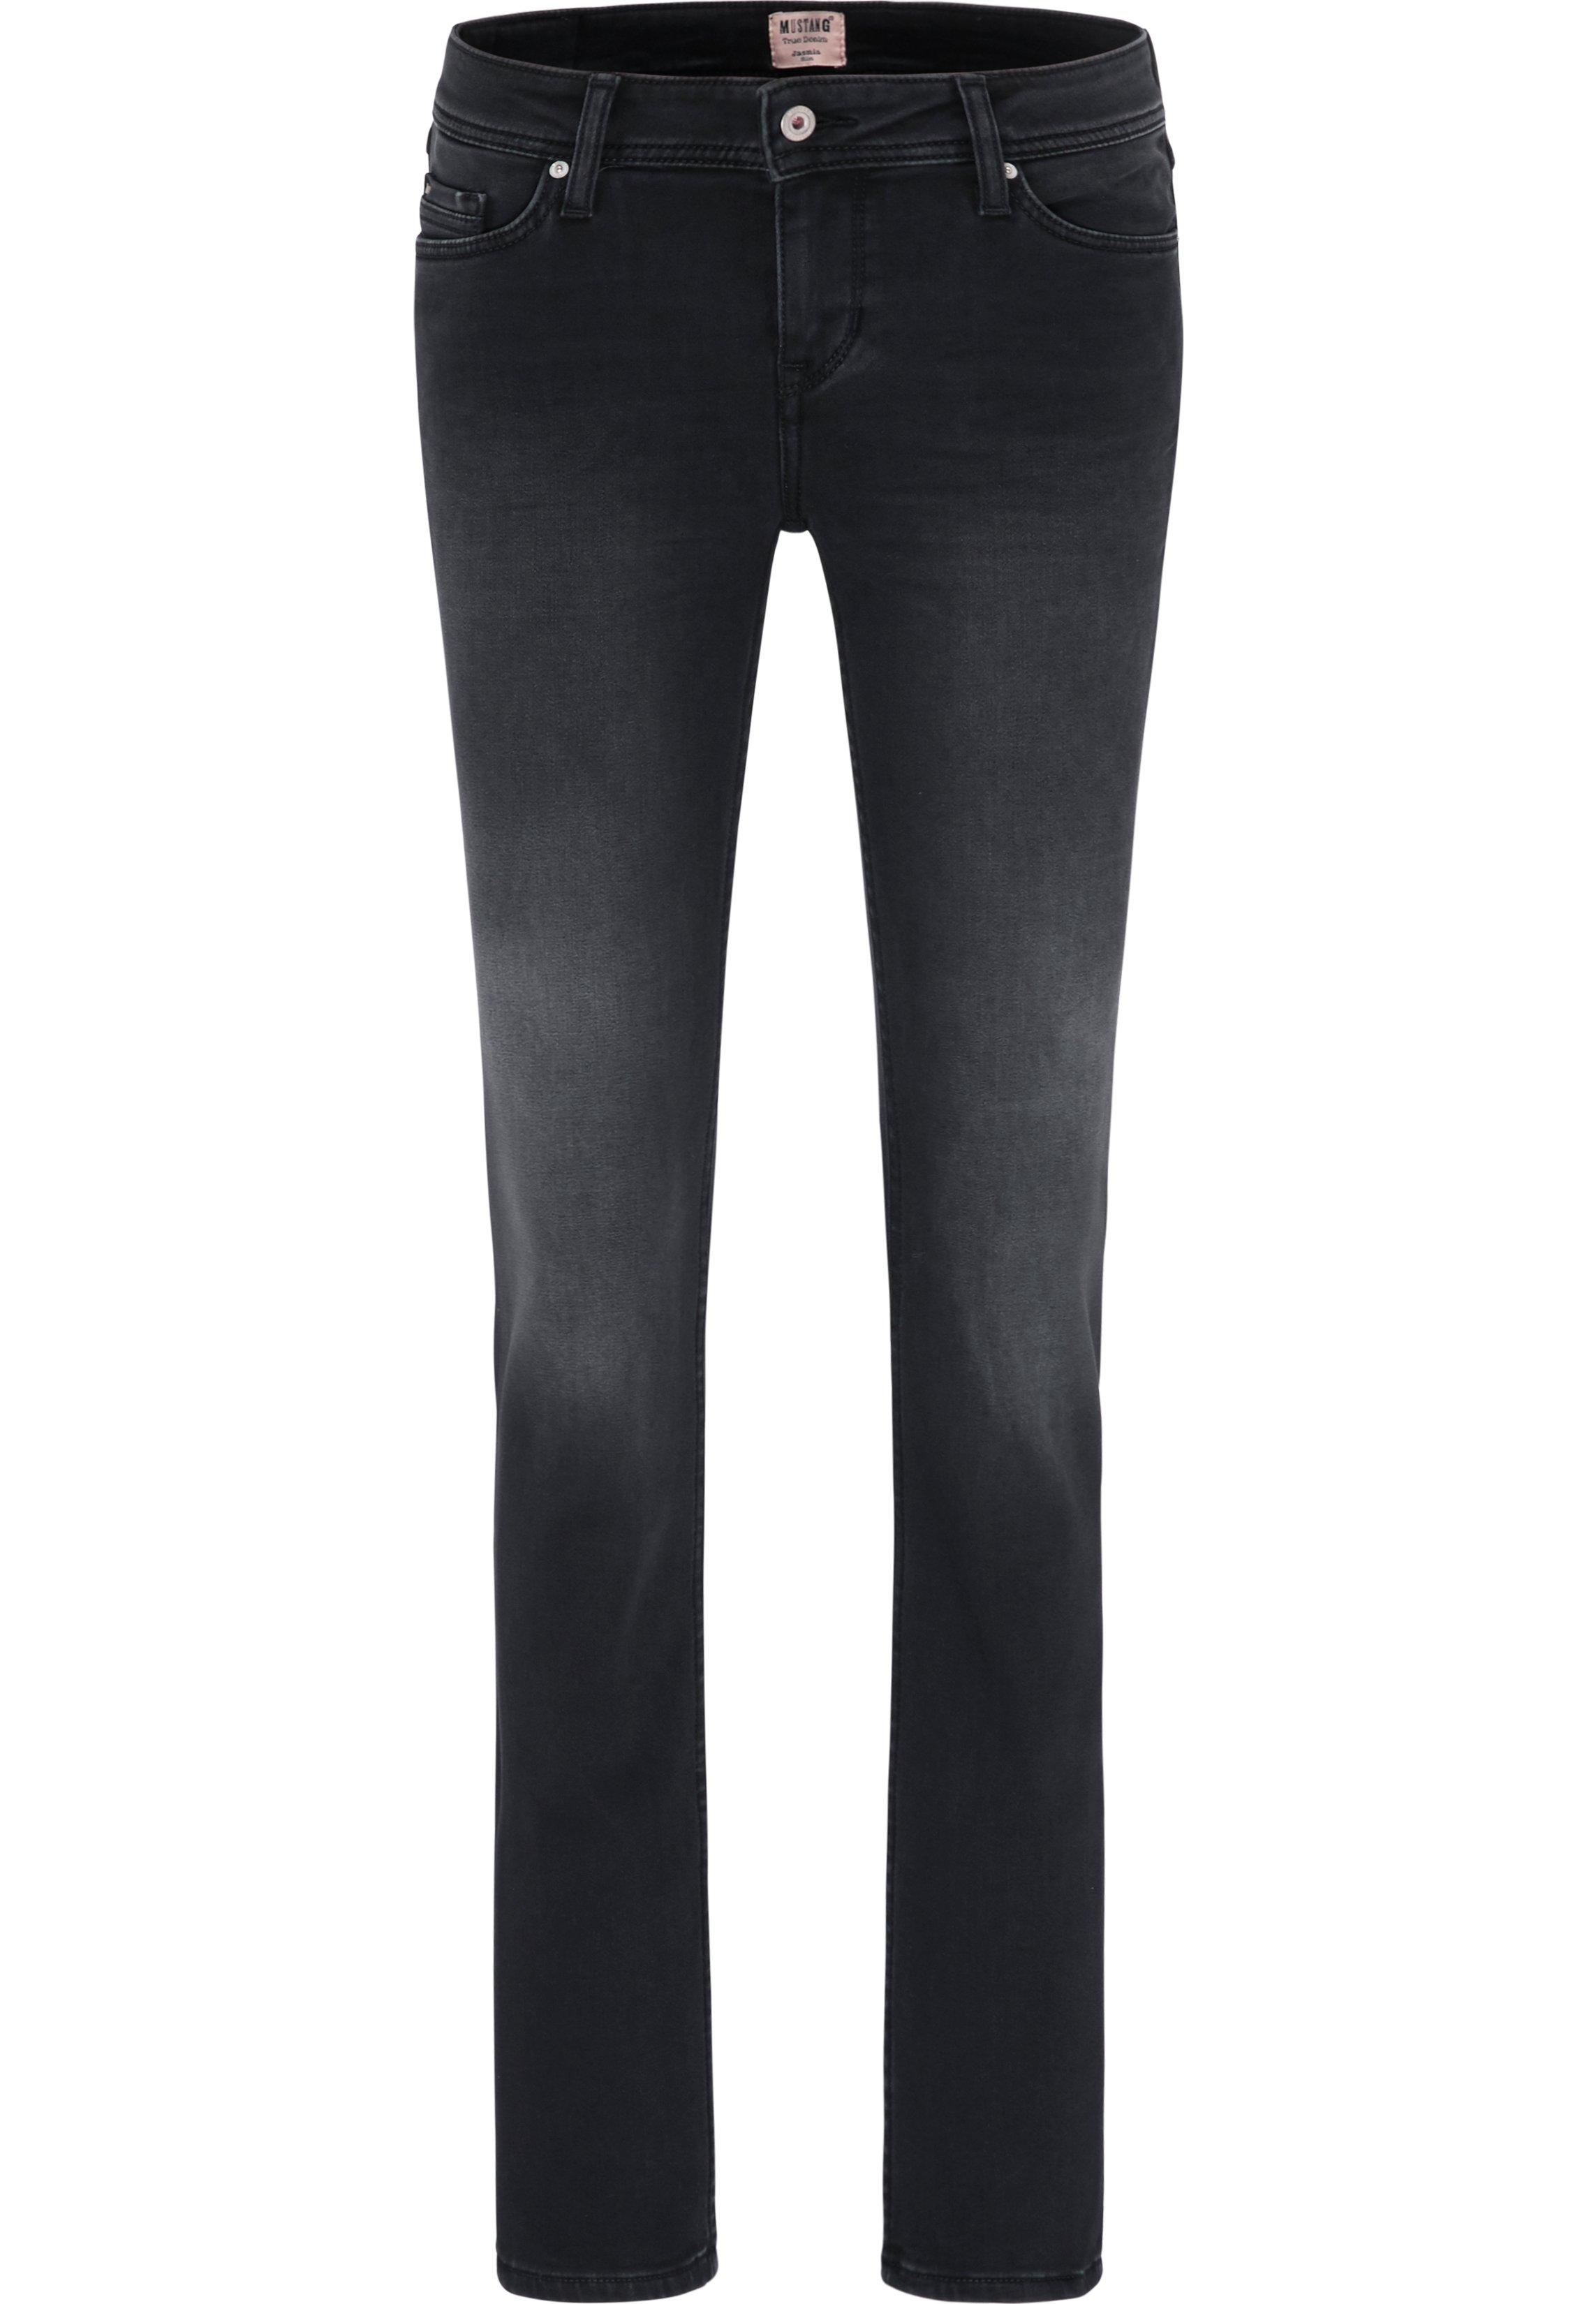 MUSTANG jeans »Jasmin Slim« goedkoop op otto.nl kopen